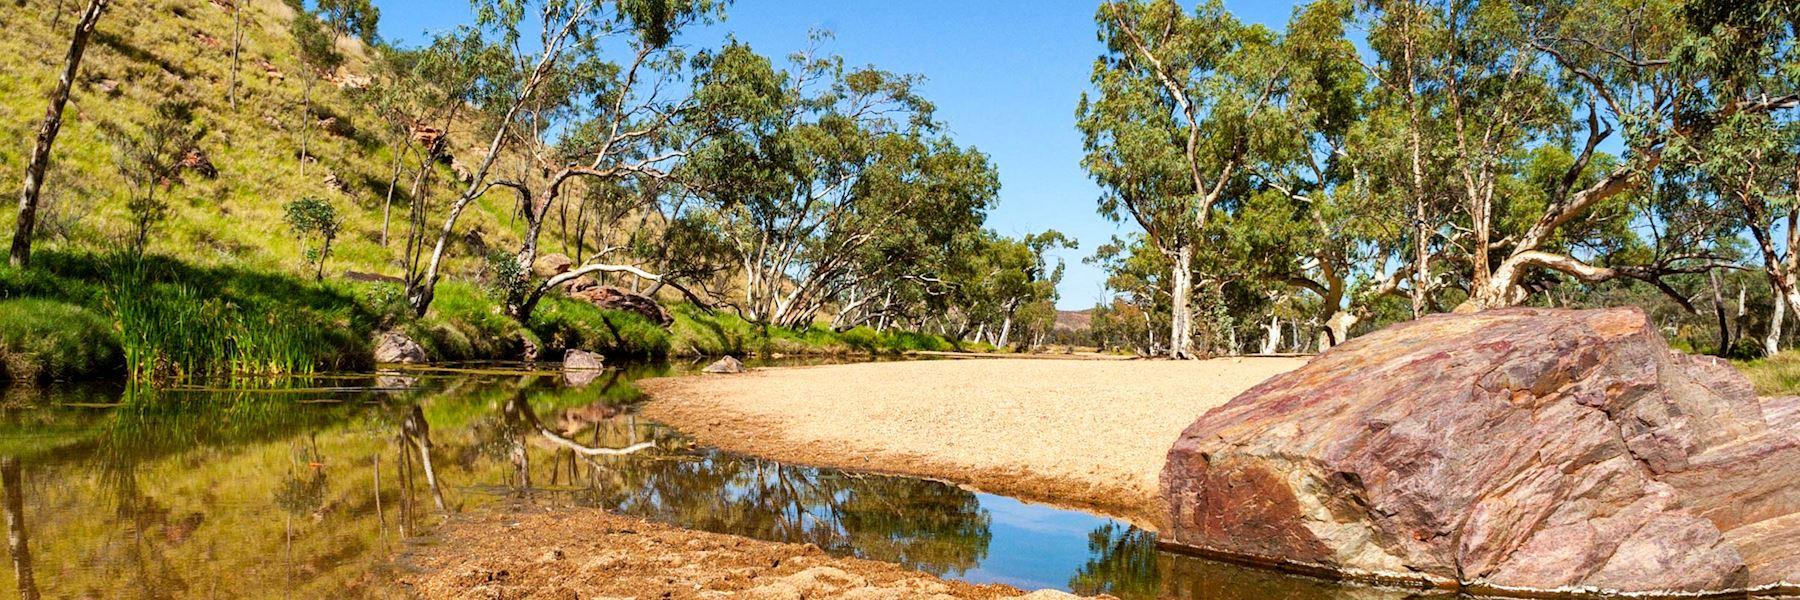 Visit Alice Springs, Australia